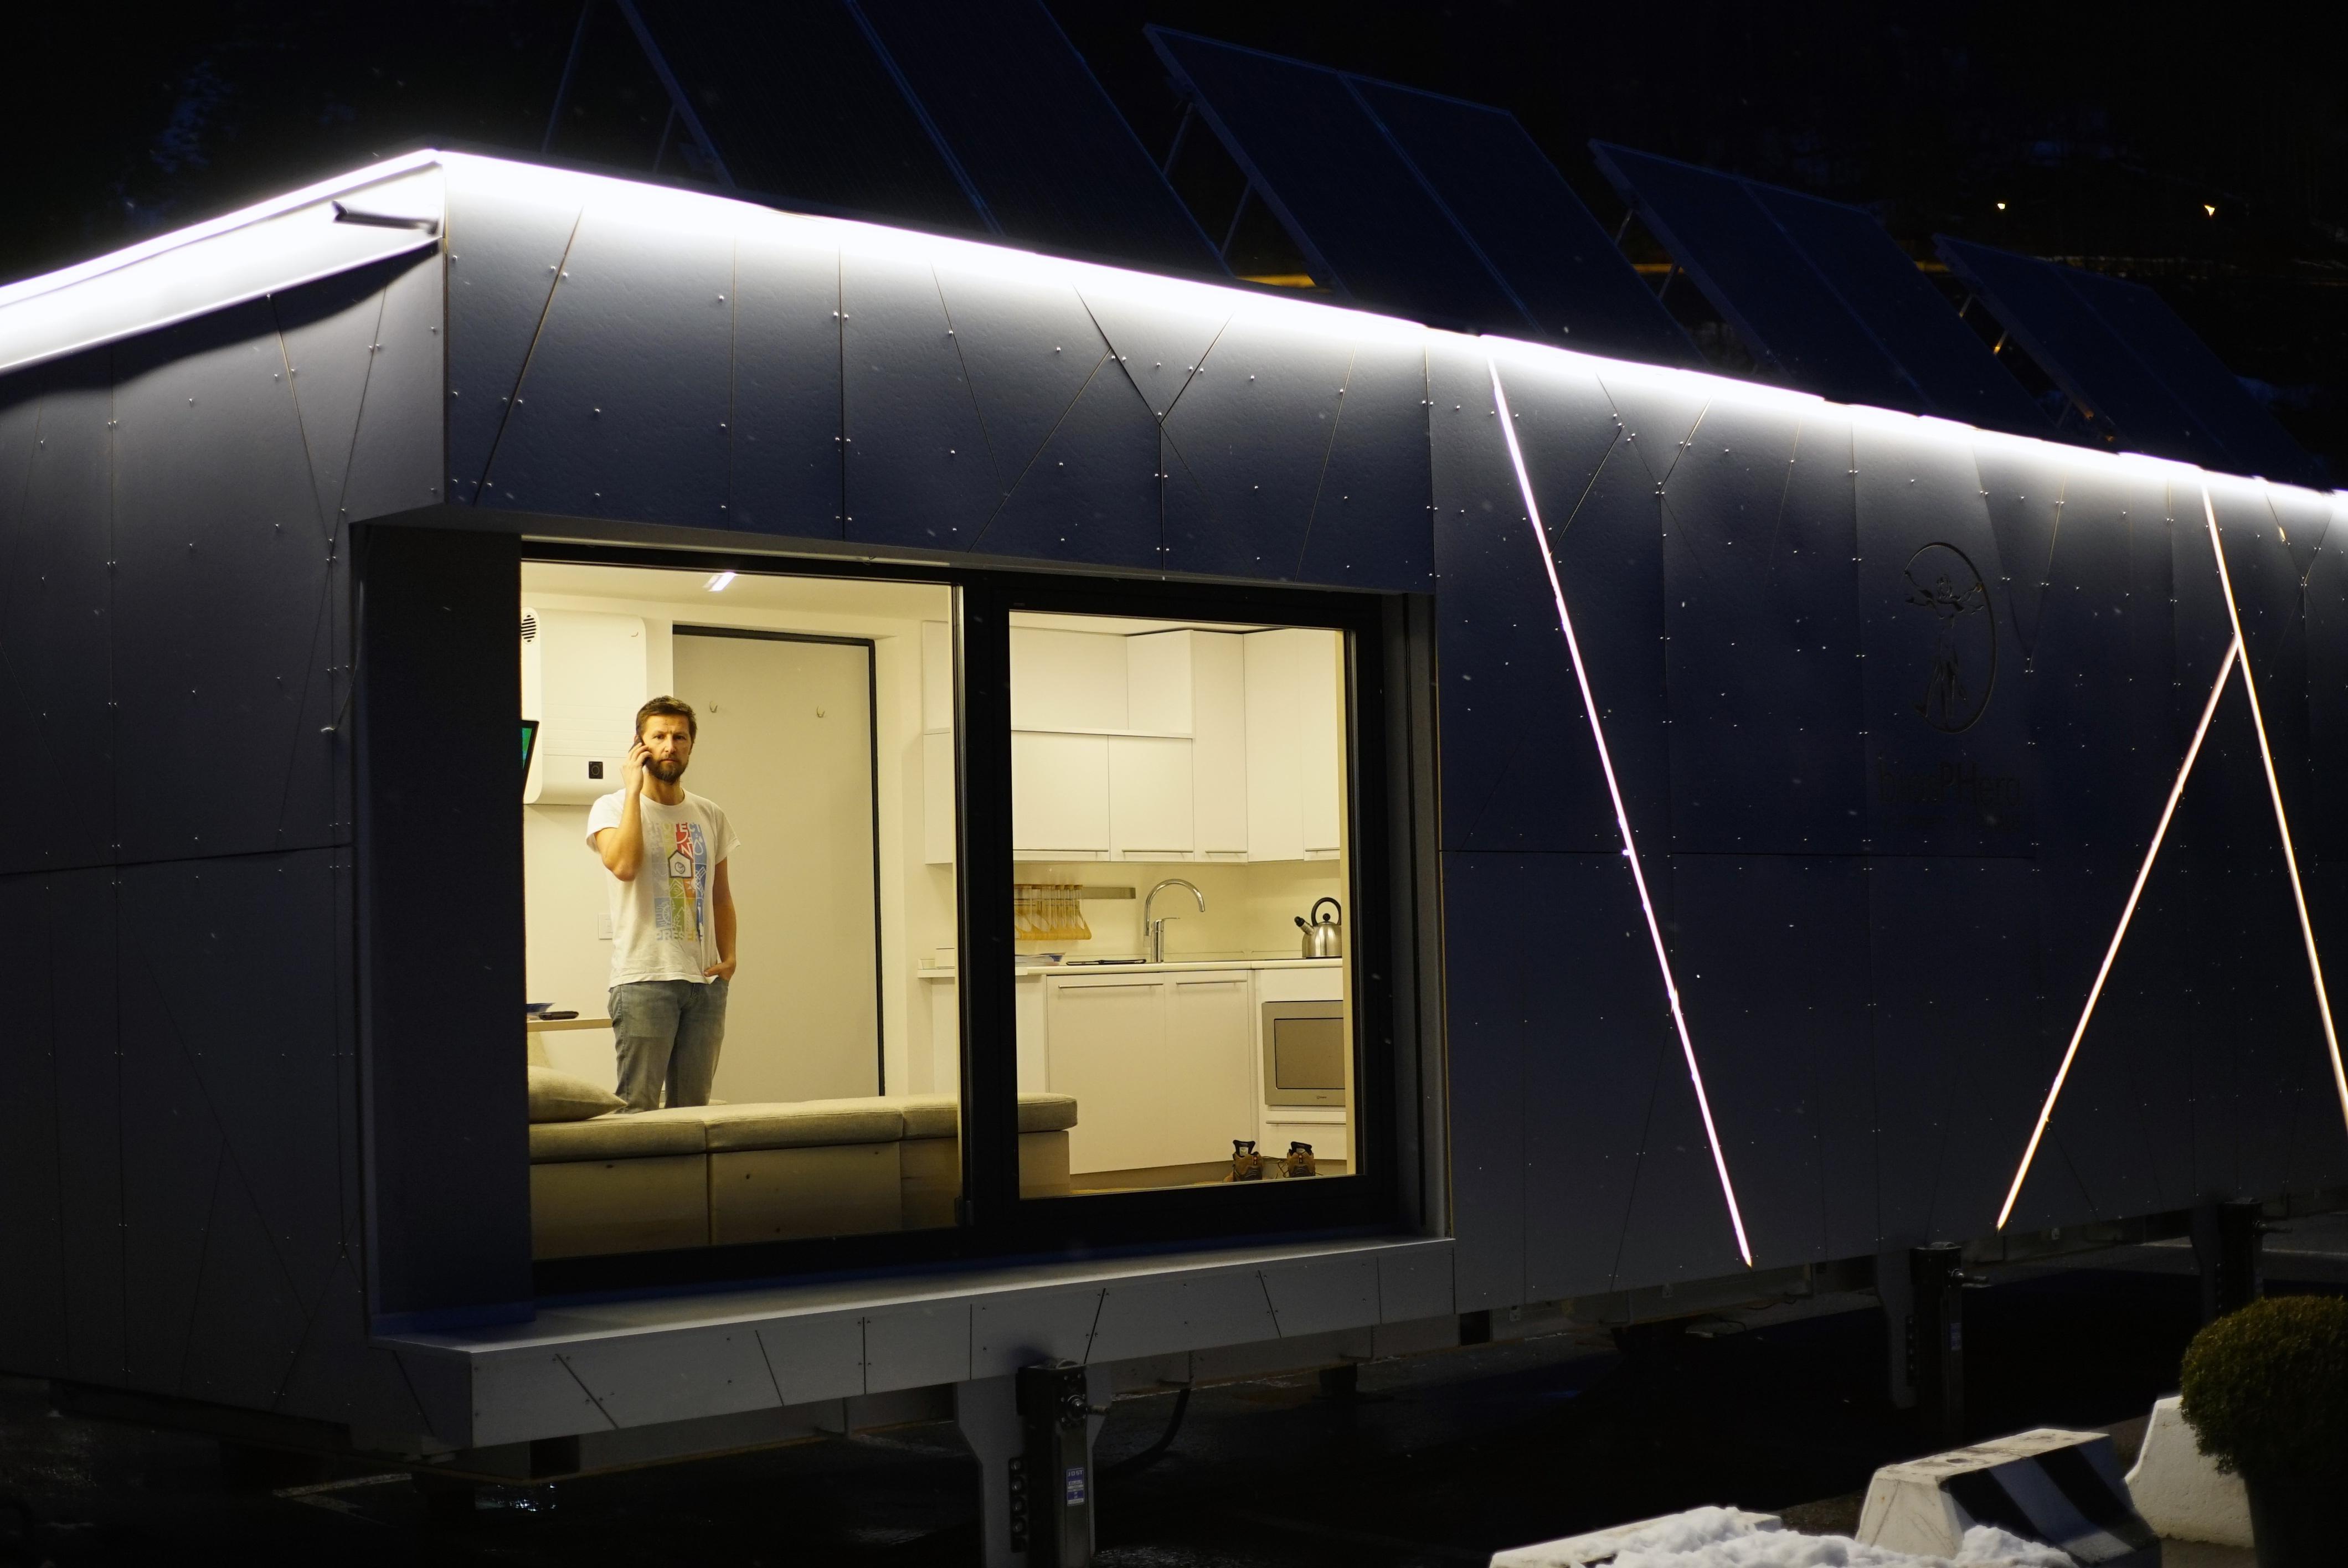 Una casa energeticamente autonoma e a misura d'uomo / Biosphera 2.0